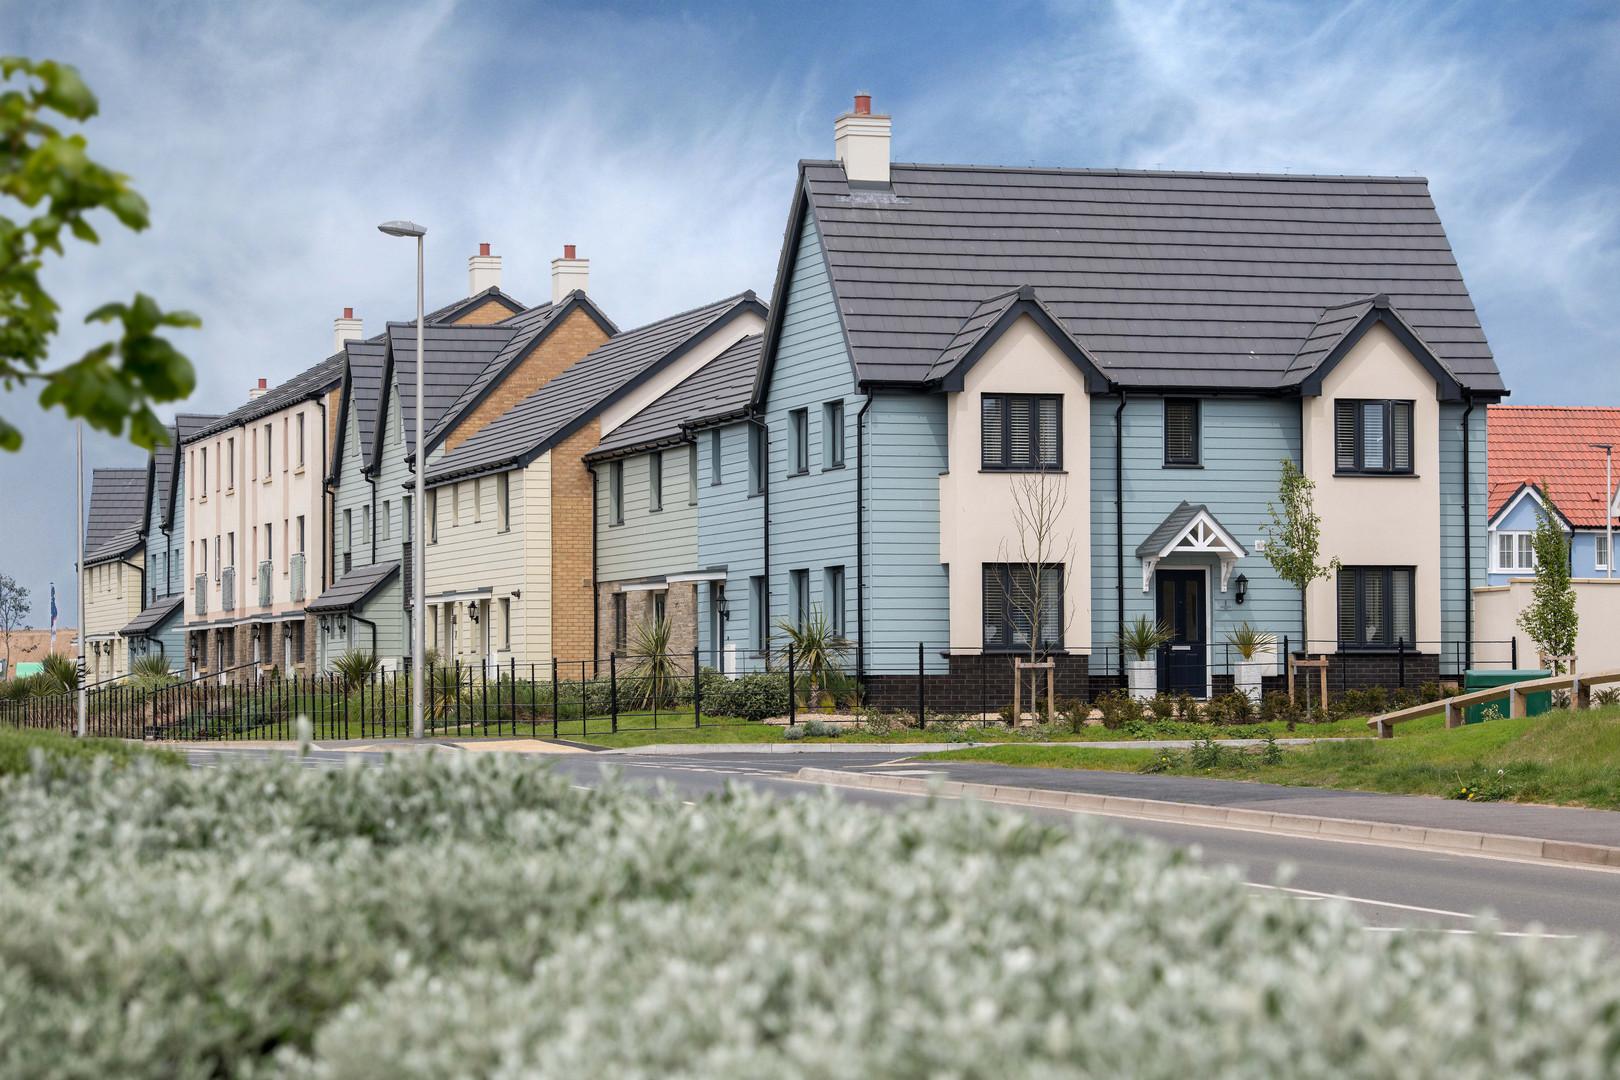 Bovis Homes- street scene